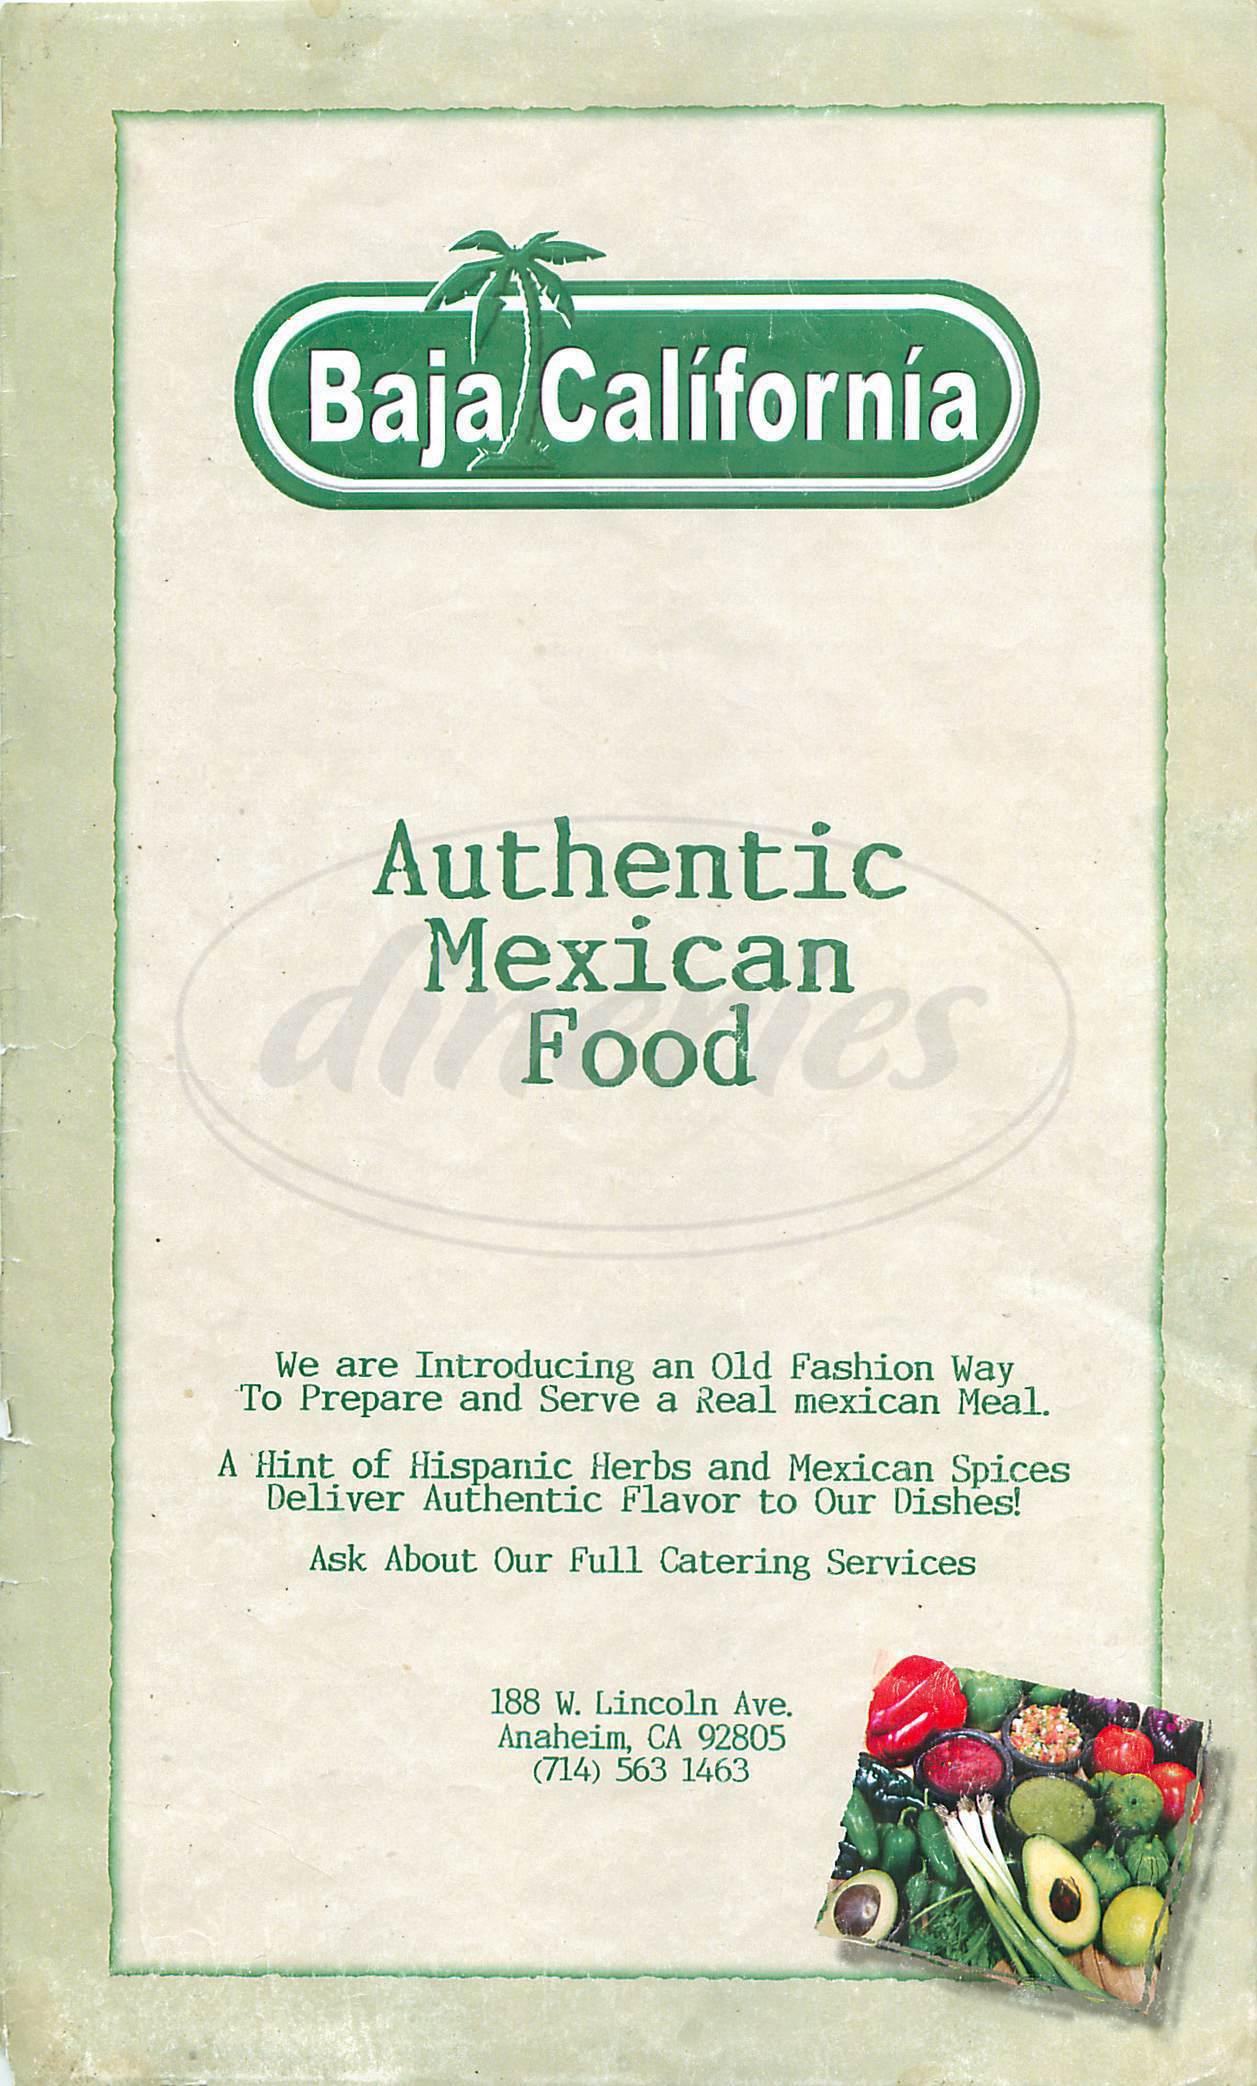 menu for Baja California